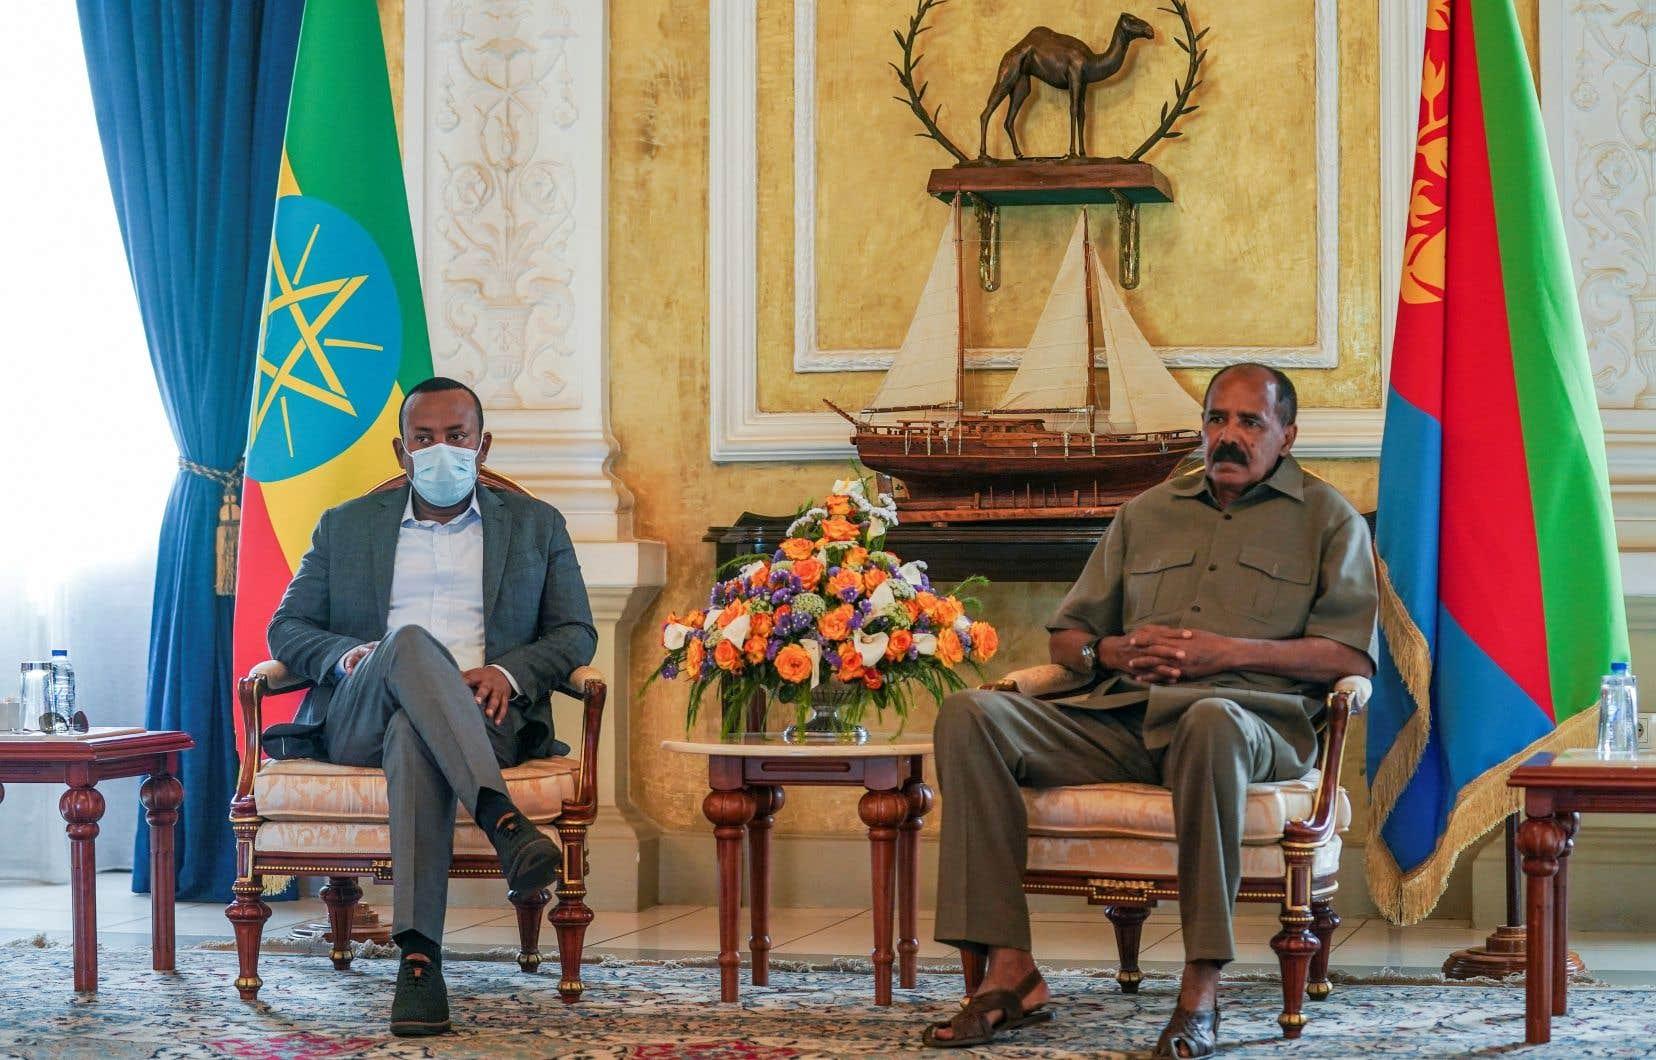 Le premier ministre éthiopien, Abiy Ahmed, (à gauche) a rencontré le président érythréen, Issaias Afeworki.